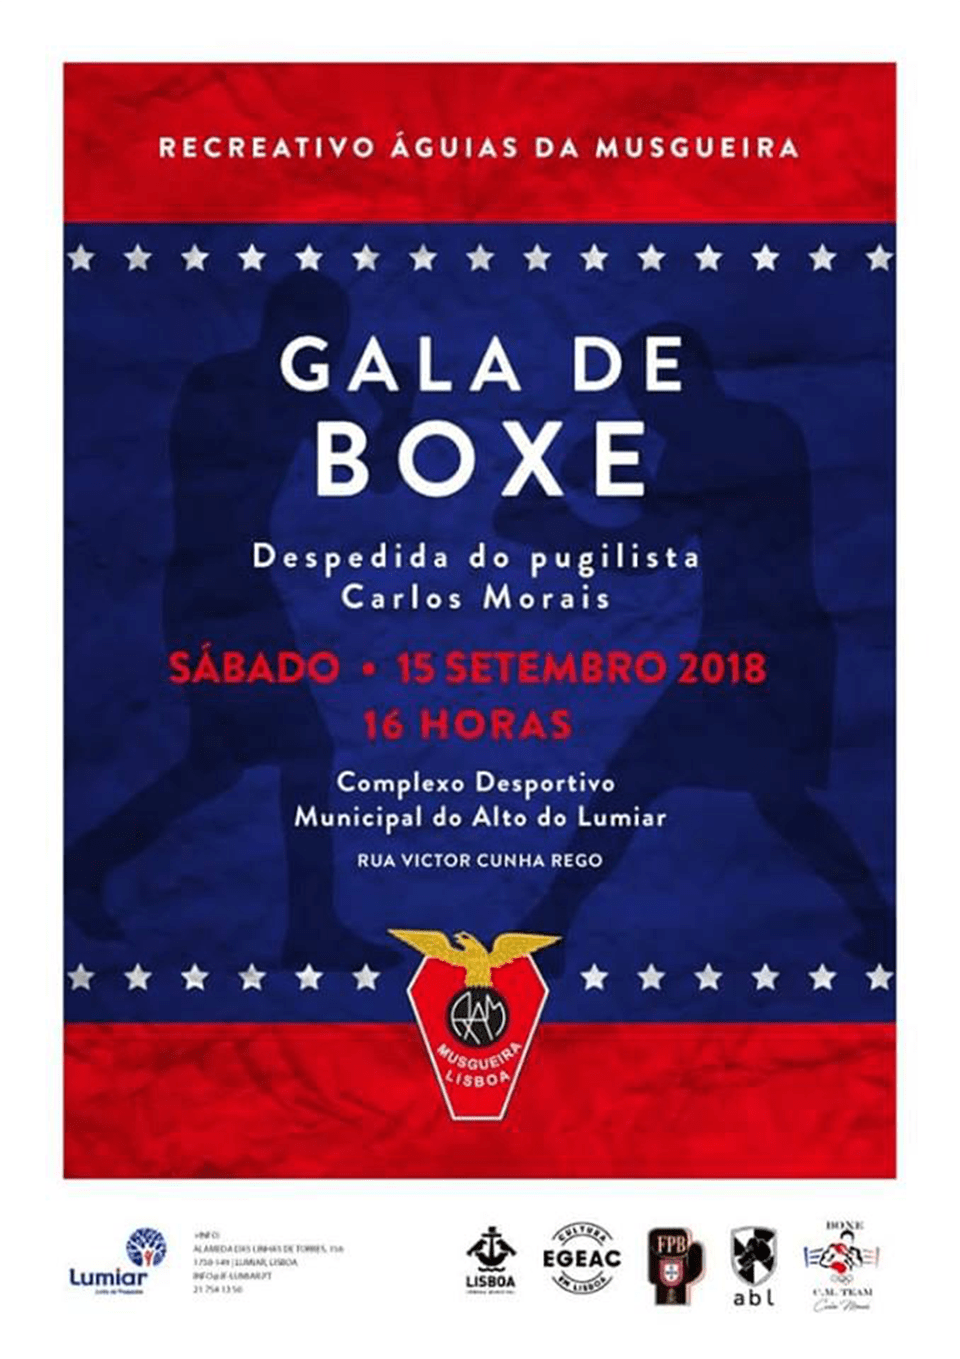 Gala de Boxe 15 de Setembro de 2018